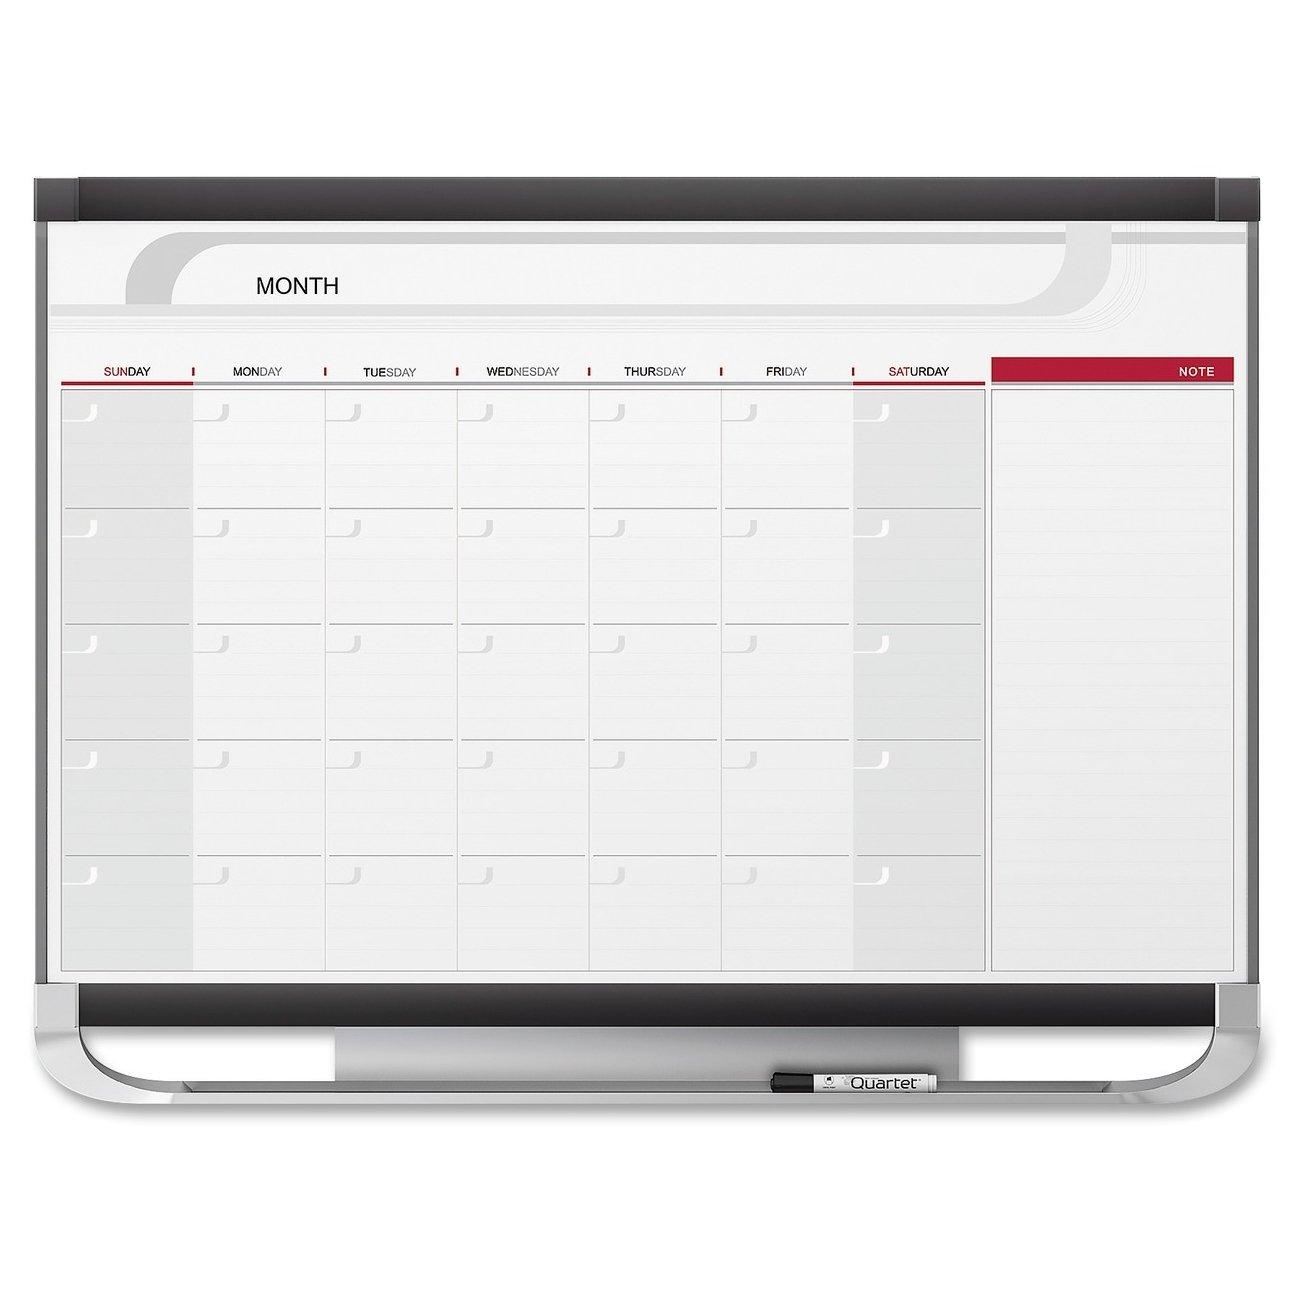 2 month calendar